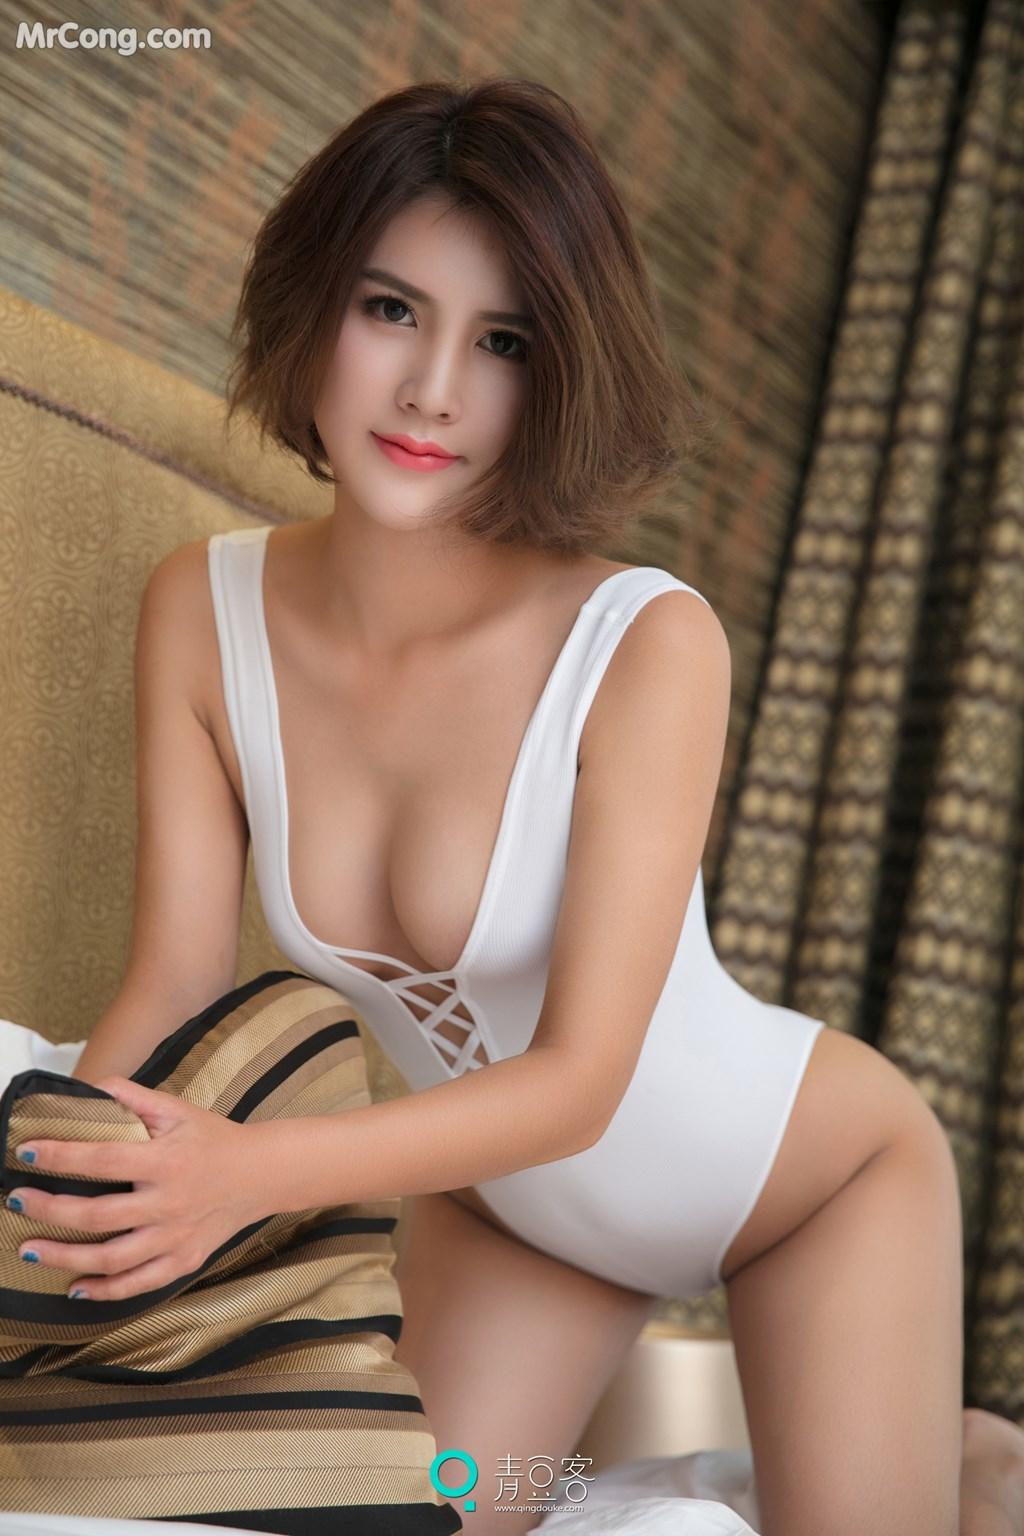 Image QingDouKe-2017-10-10-Yi-Nuo-MrCong.com-010 in post QingDouKe 2017-10-10: Người mẫu Yi Nuo (依诺) (54 ảnh)